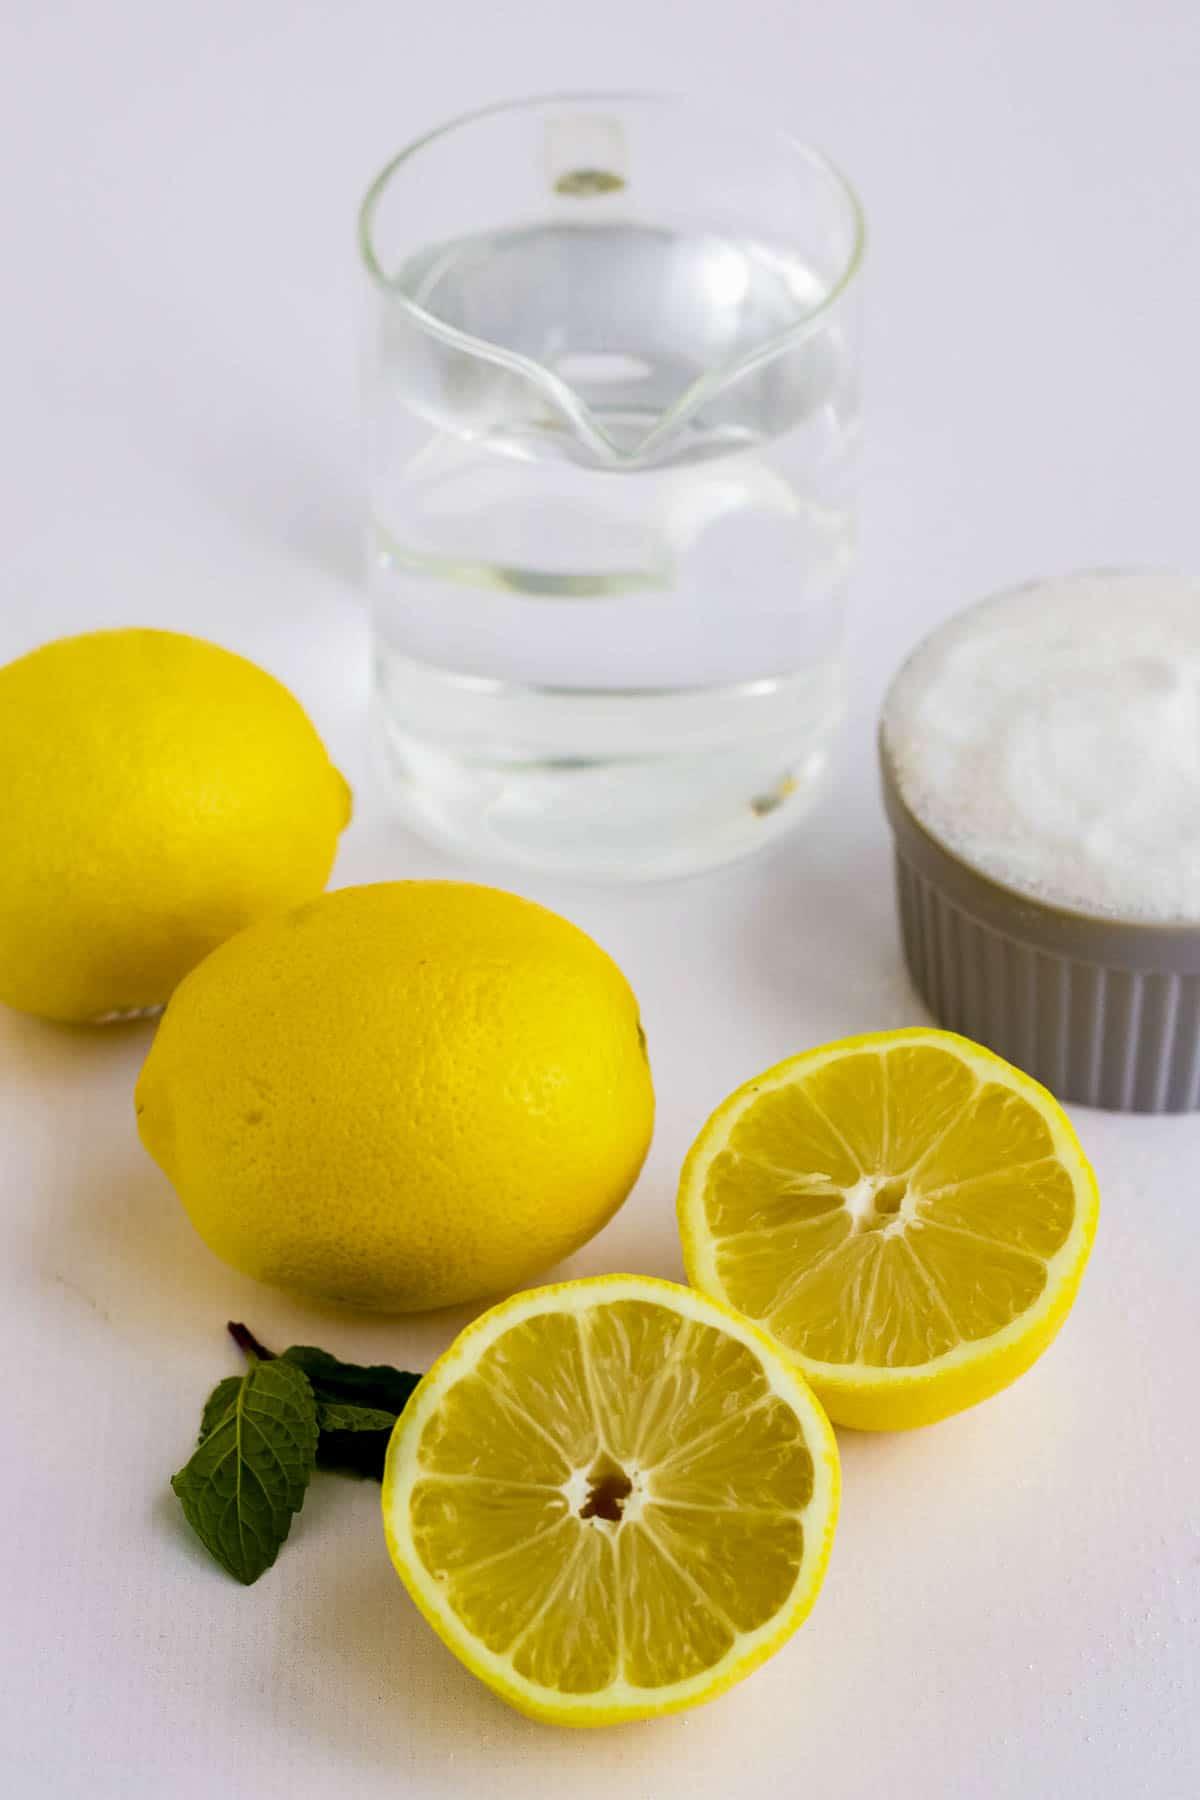 Ingredients needed to make lemonade popsicles.